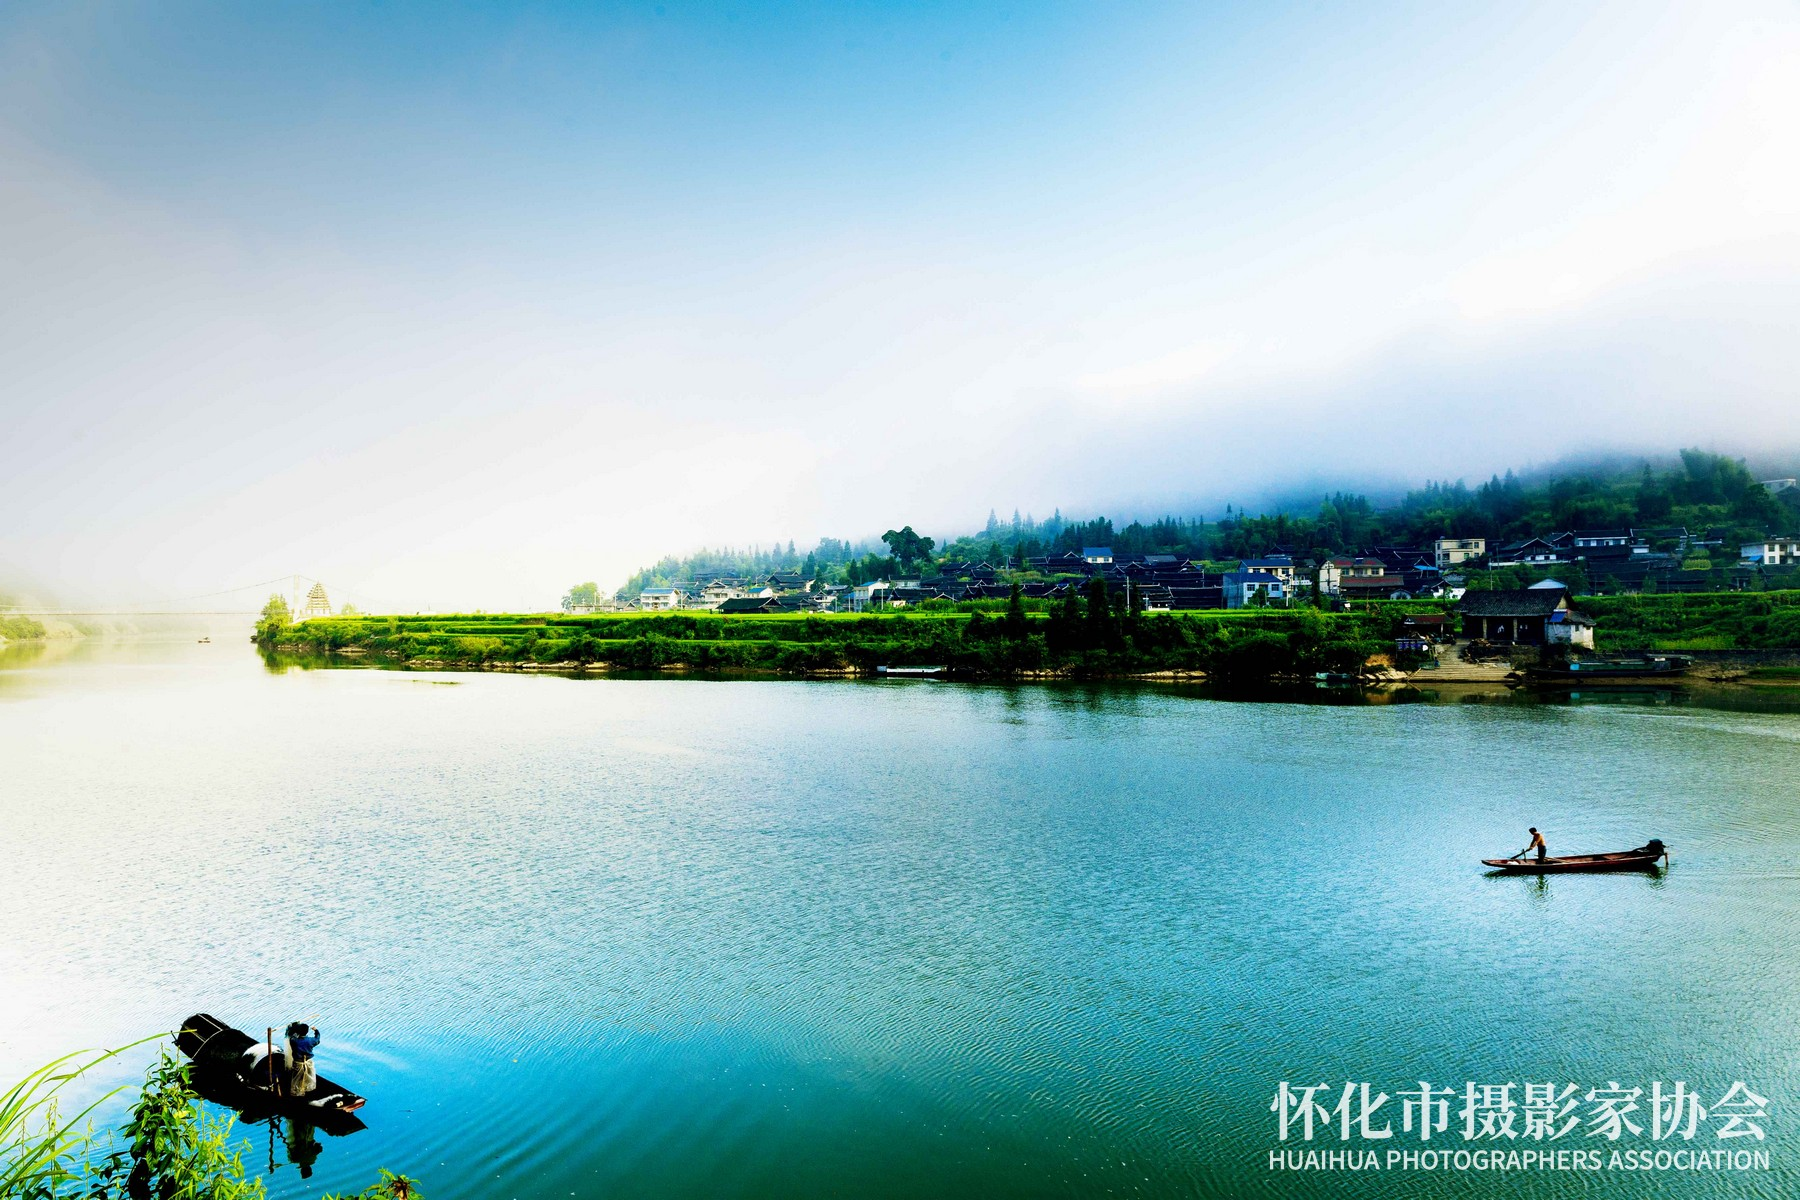 画中游---杨义高-摄于青朗乡客寨村-电话18244860655